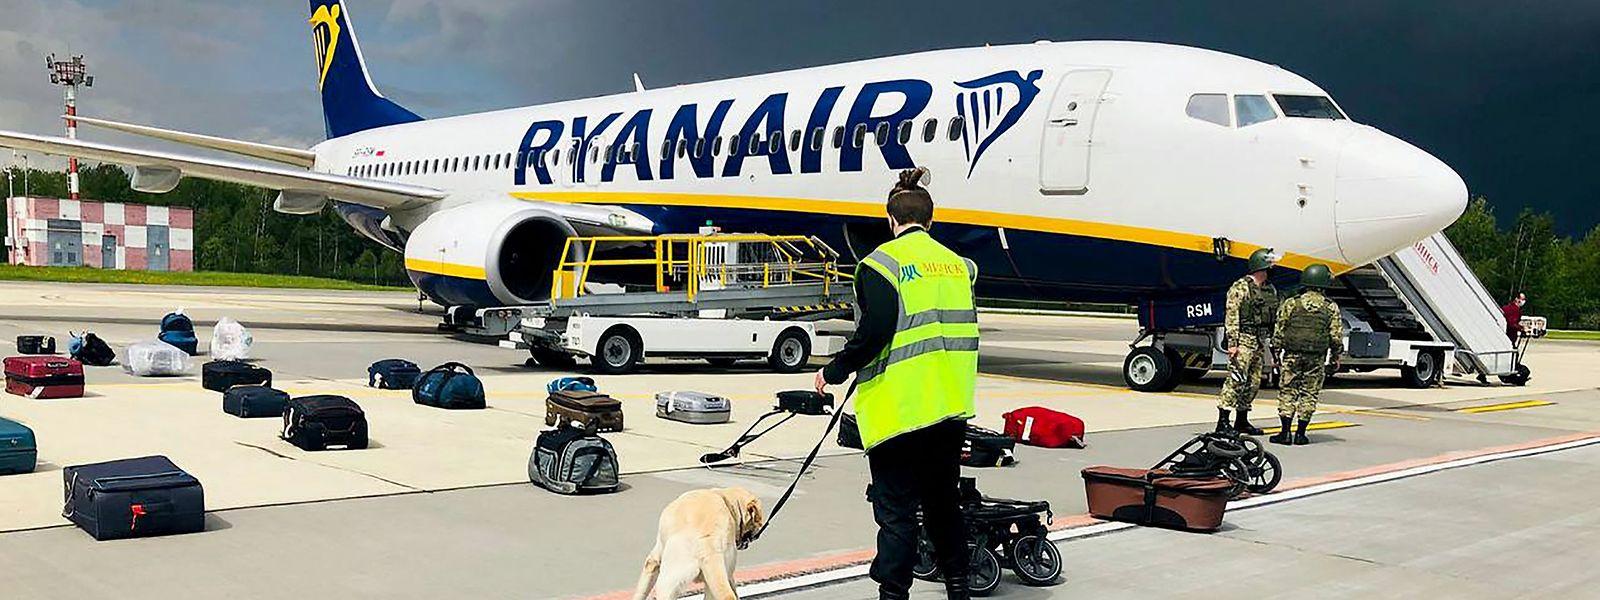 Die Besatzung des Flugzeuges war von belarussischer Seite über eine mögliche Sicherheitsbedrohung an Bord informiert worden.